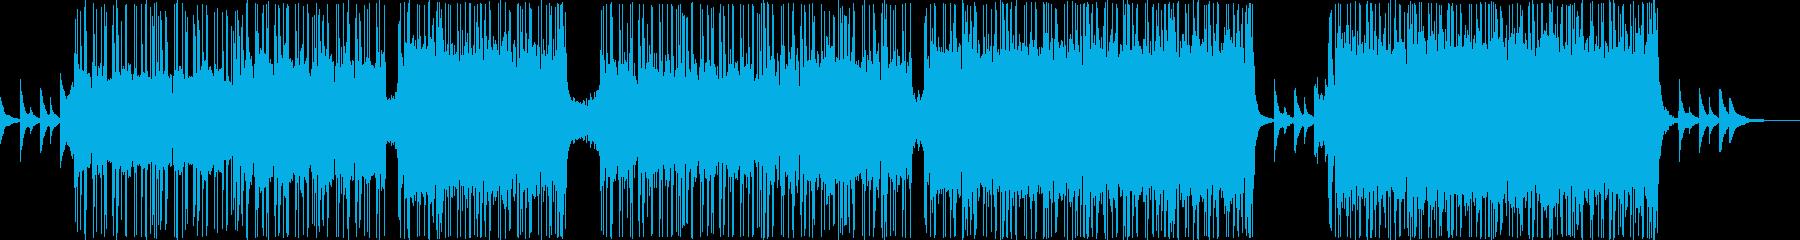 エレクトロニック・ポップなBGMの再生済みの波形